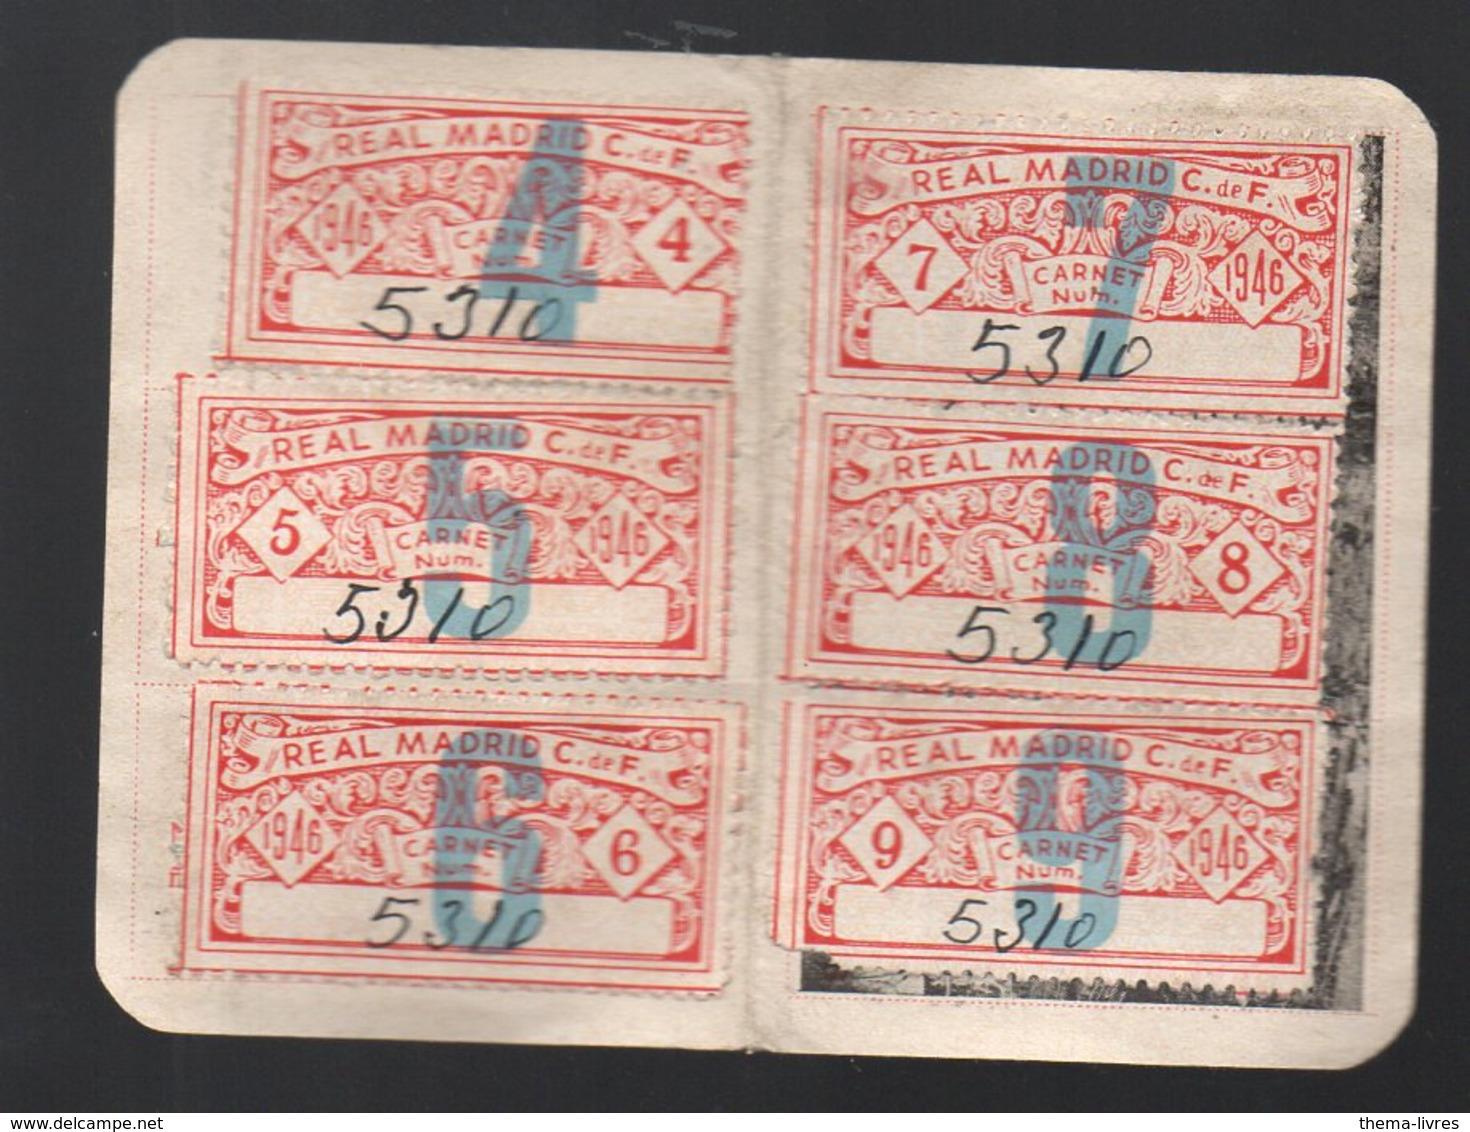 (erinnophilie, Football) (Espagne REAL MADRID) Lot De 12 Coupons D'entrée 1946 (carnet De Socio) (PPP20658) - Tickets - Vouchers